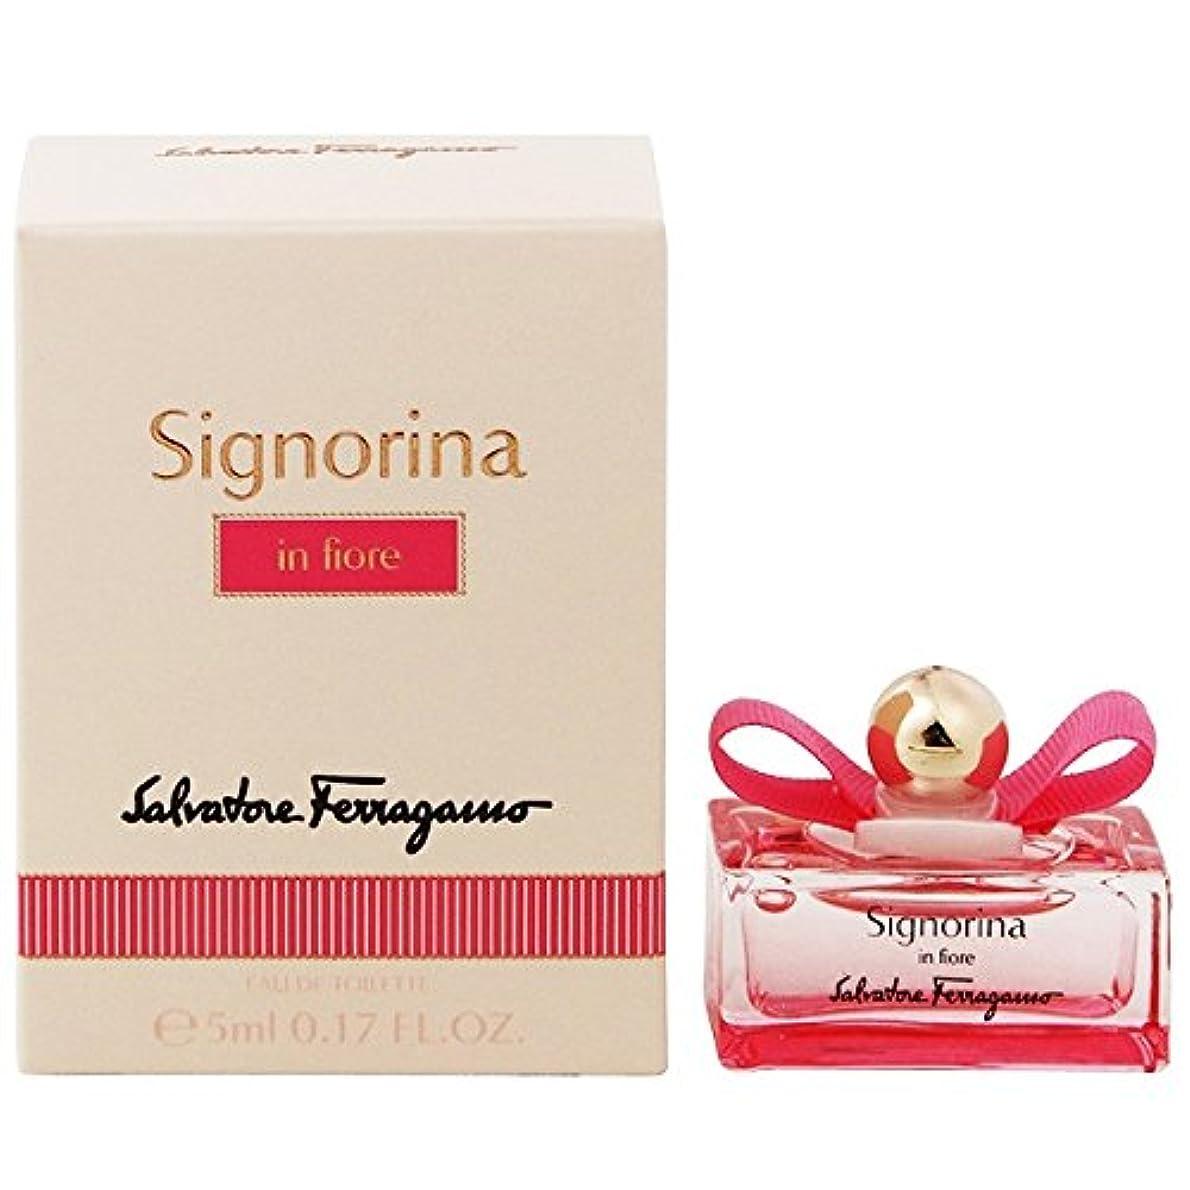 到着する資源資金サルヴァトーレ フェラガモ シニョリーナ インフィオーレ EDT 5ml ミニ香水